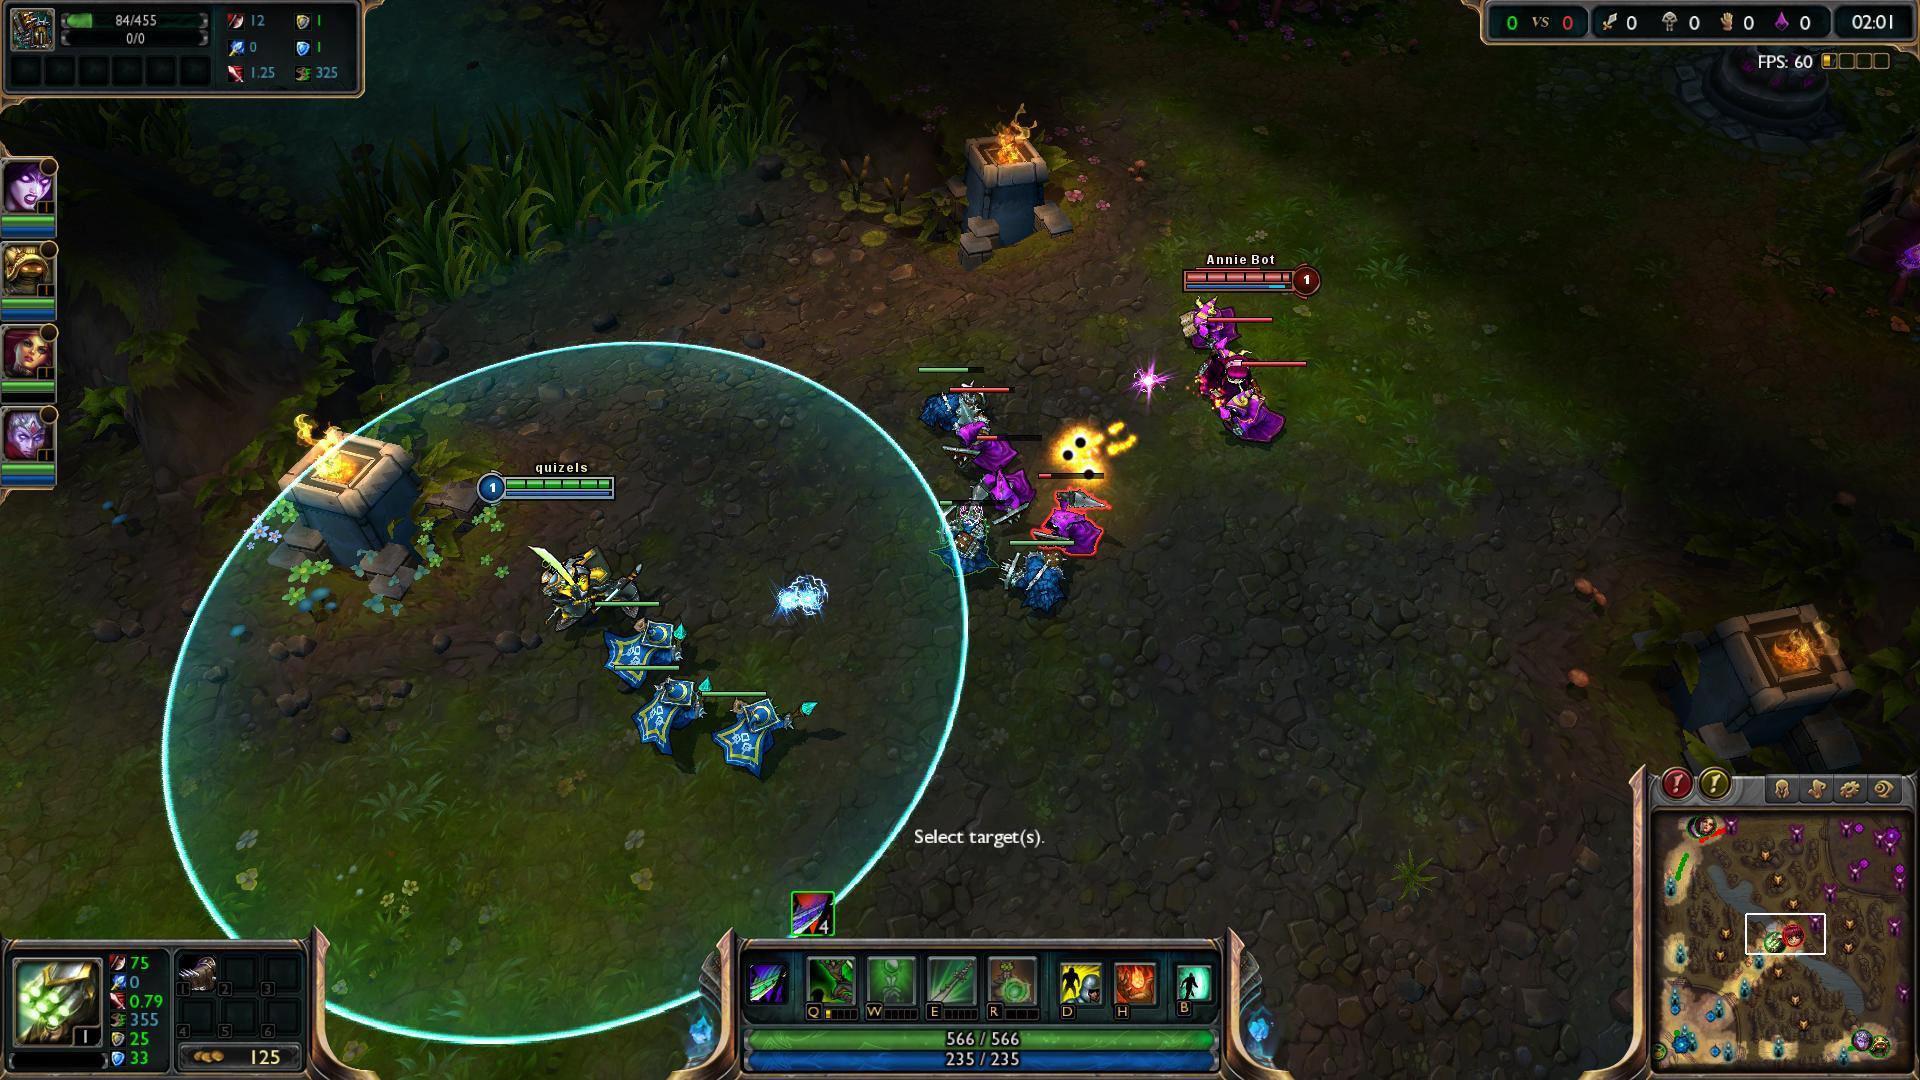 Master Yi Alpha Strike lol screenshot